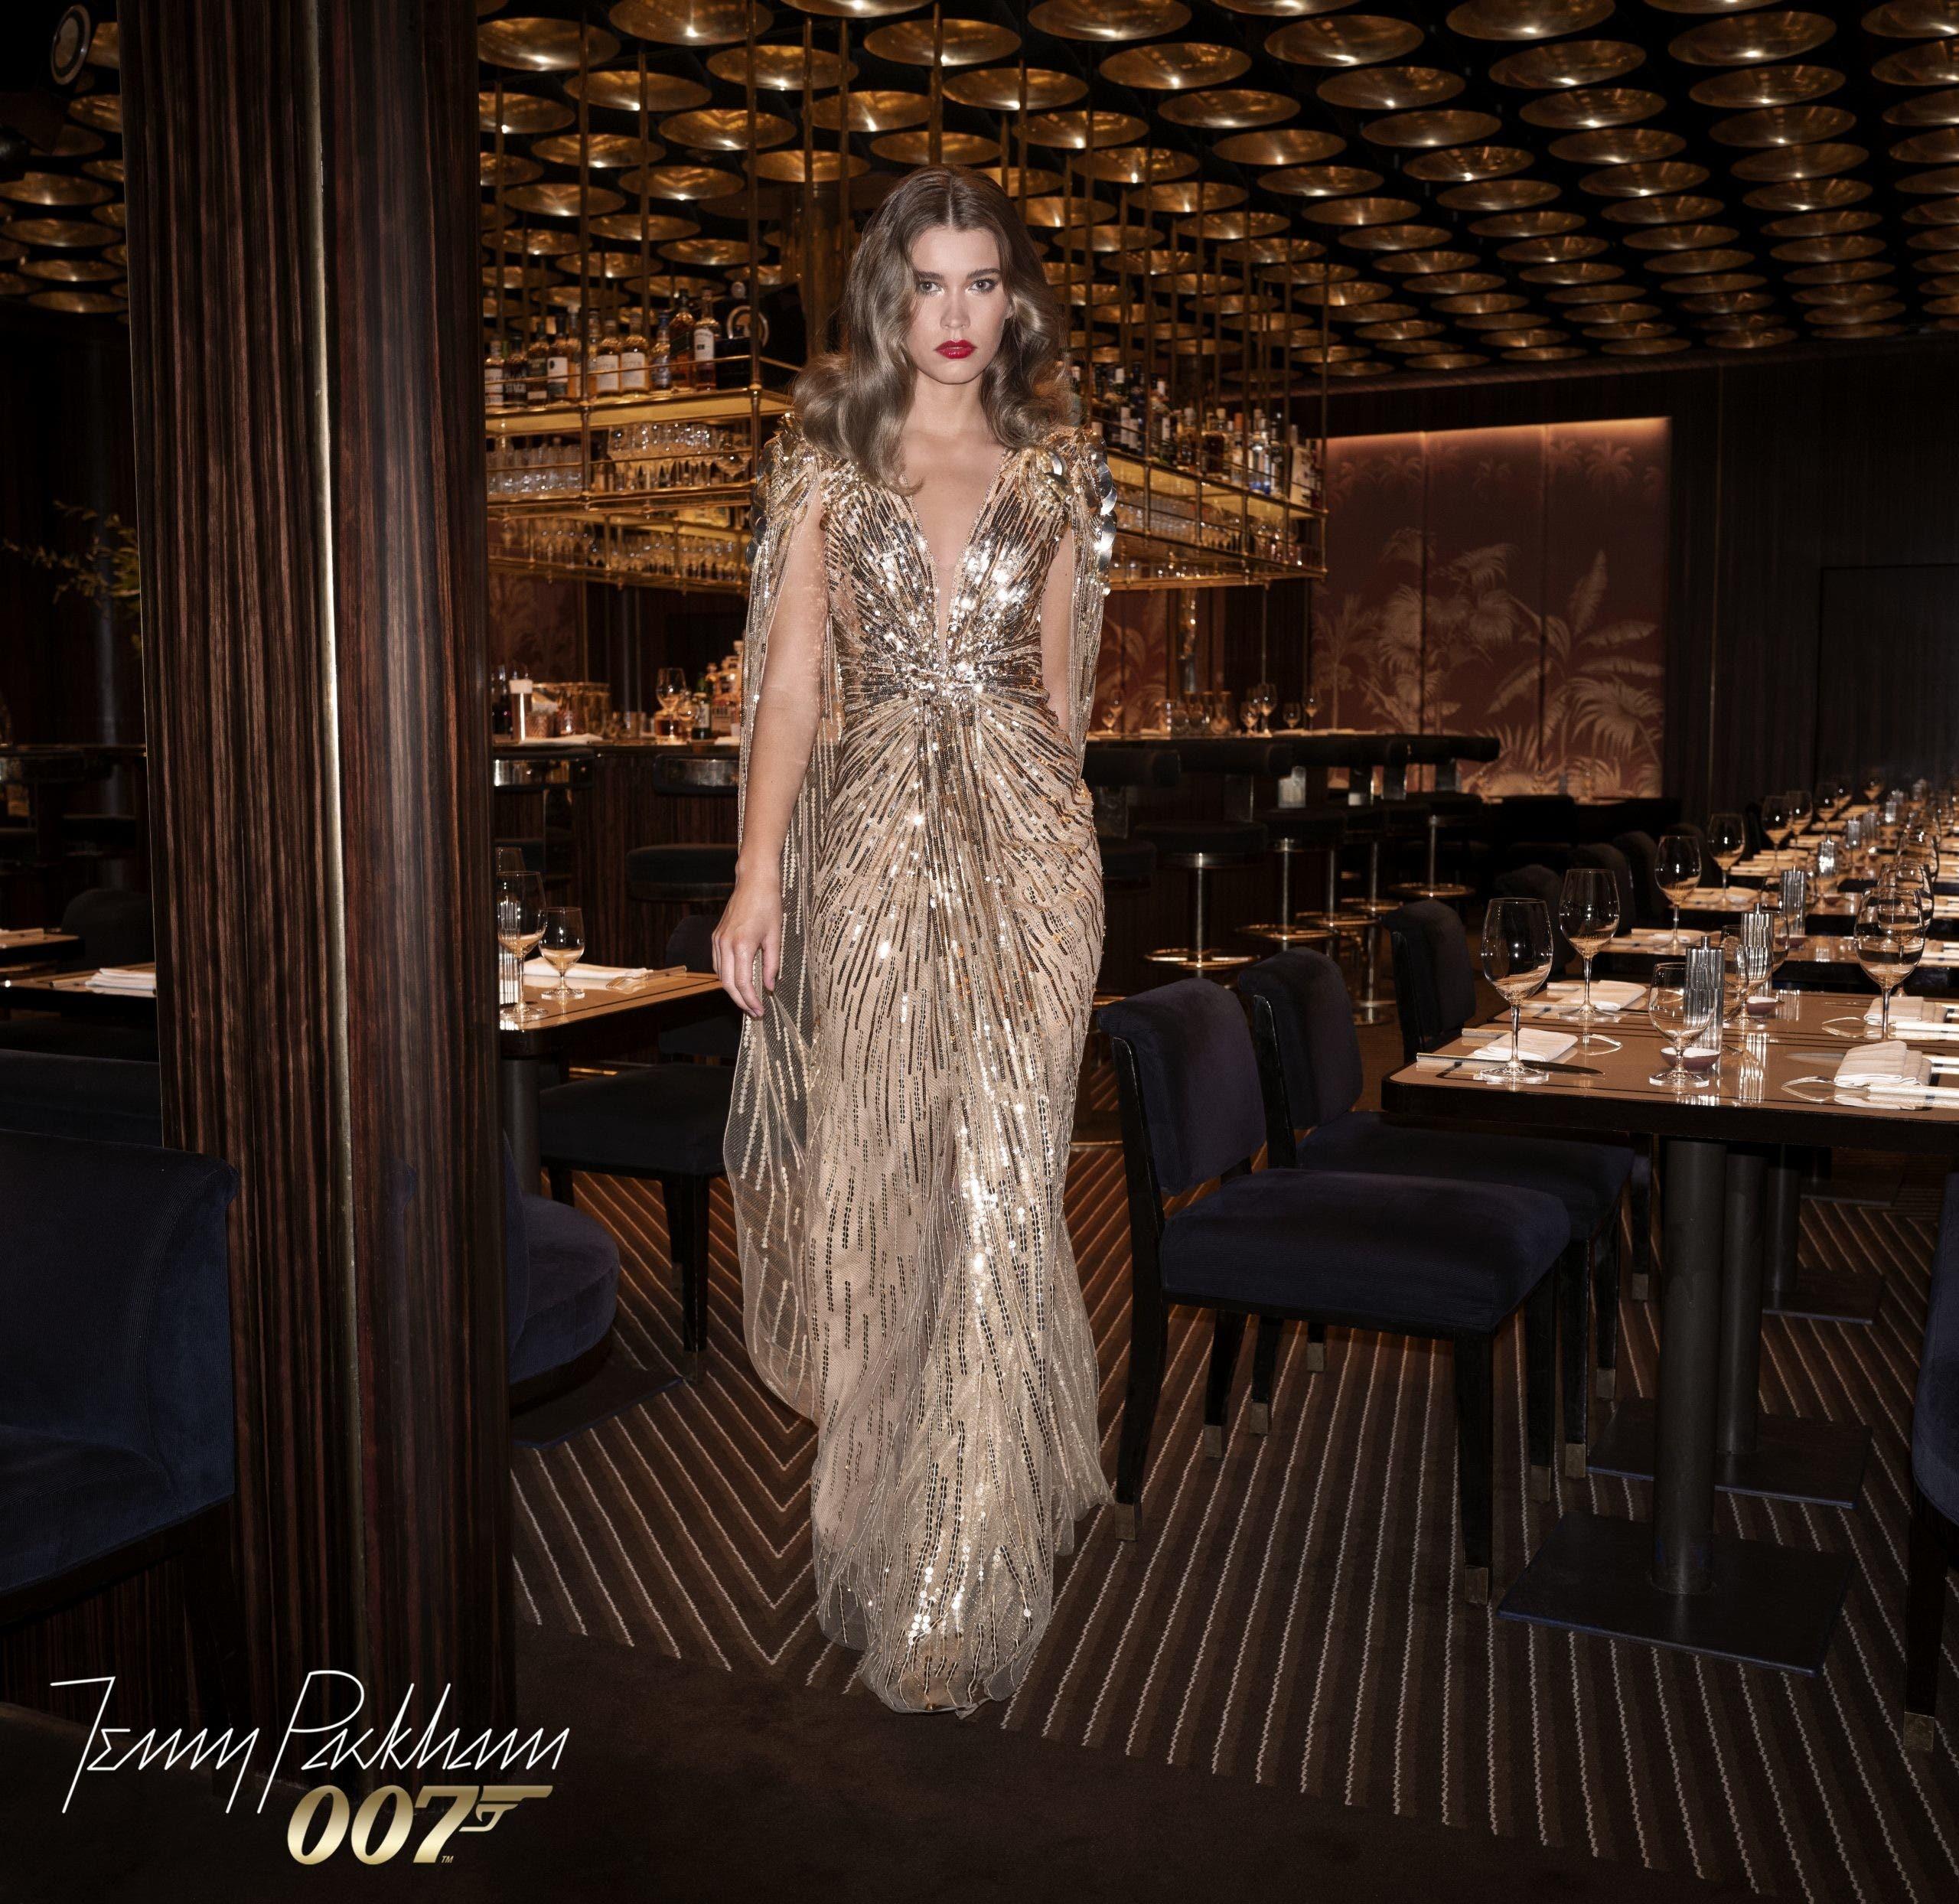 ثوب غولدفنغر الذي ارتدته كايت جزء من مجموعة استوحتها جيني بيكهام من أفلام جايمس بوند